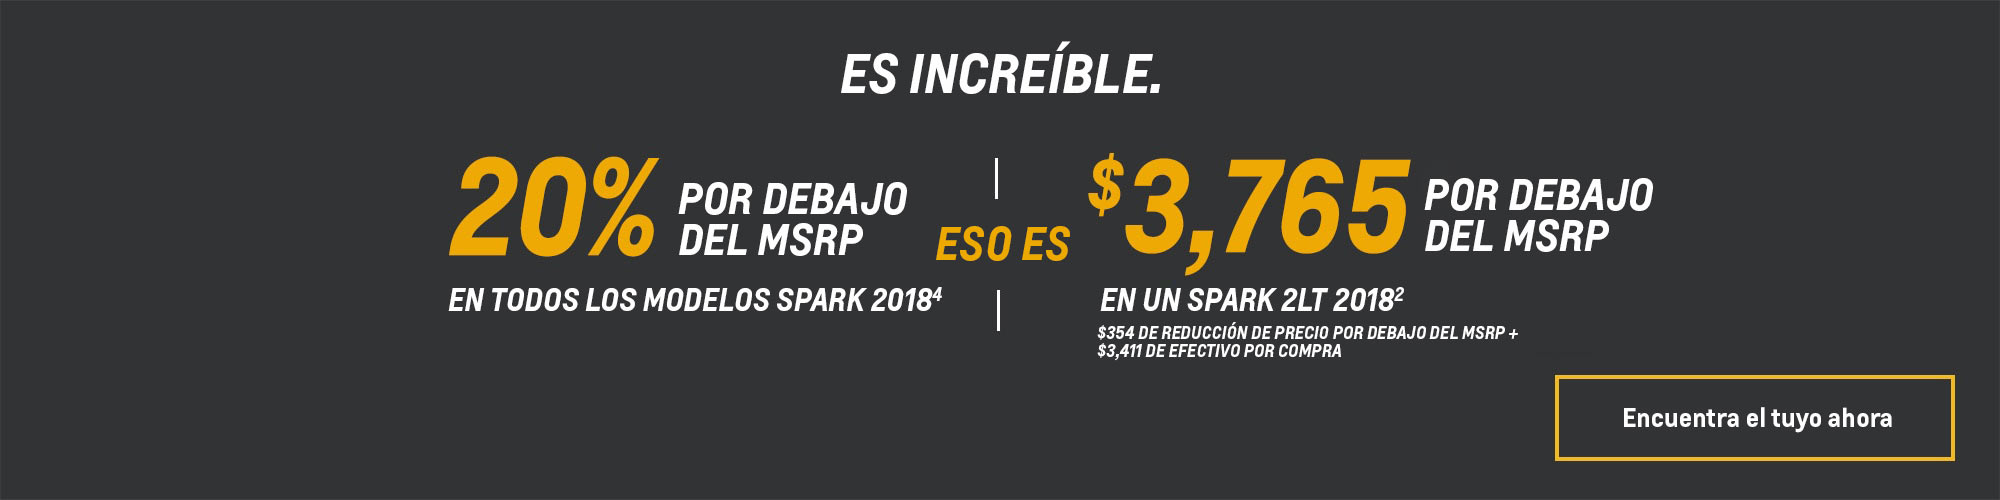 Ofertas de Chevy: Spark 2018 - 20% por debajo del MSRP